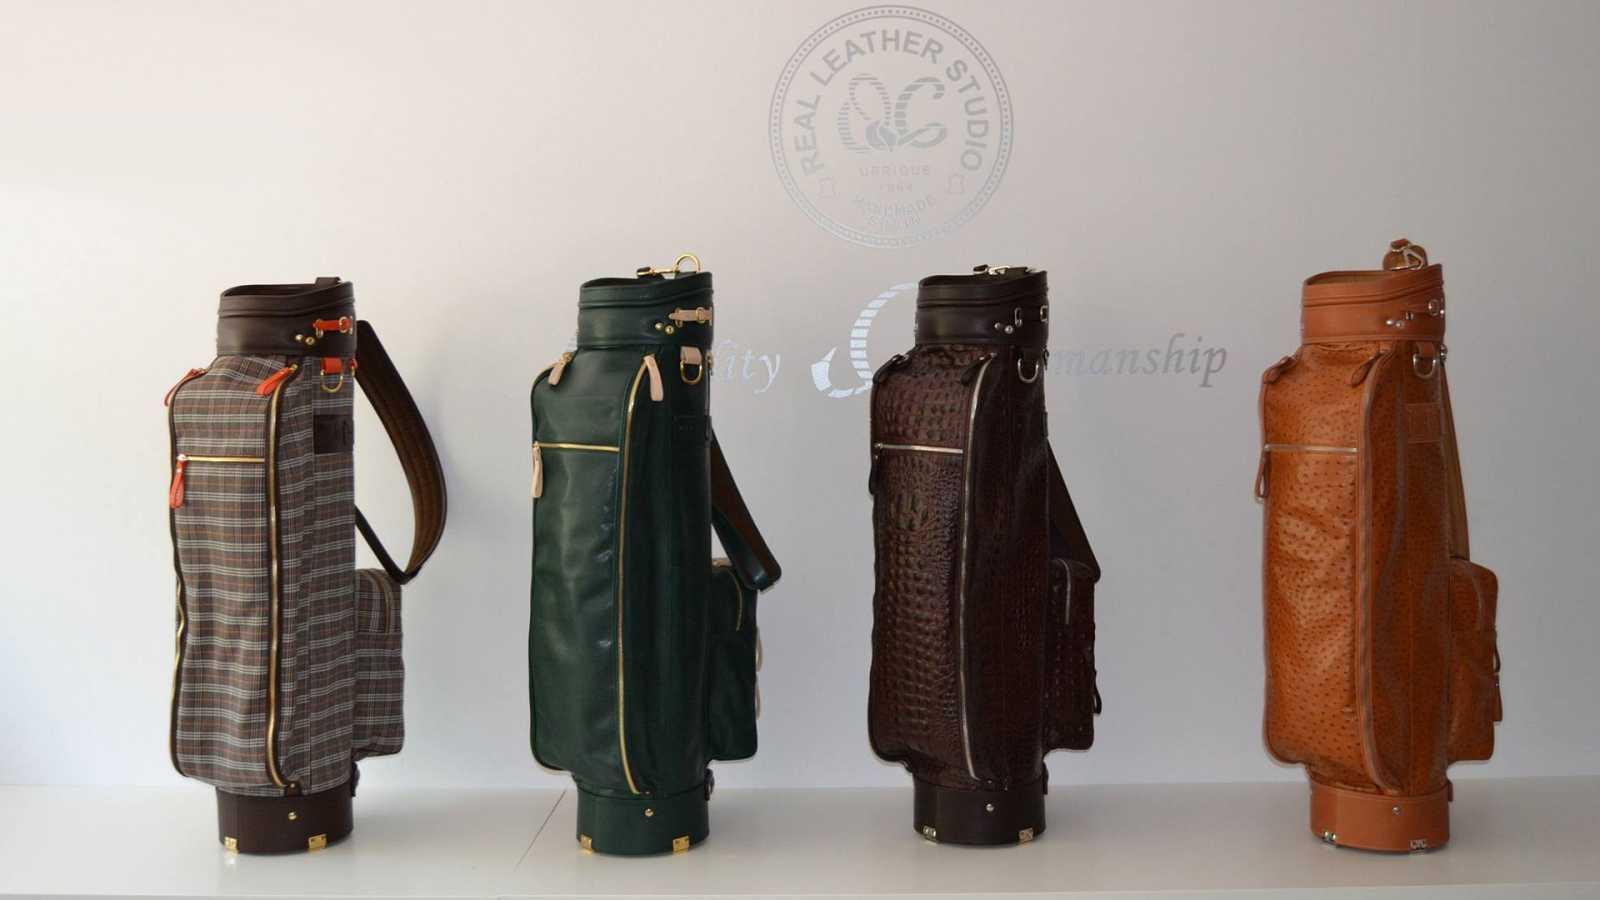 Marca España - Las bolsas de golf españolas que se venden en todo el mundo - 22/10/20 - escuchar ahora